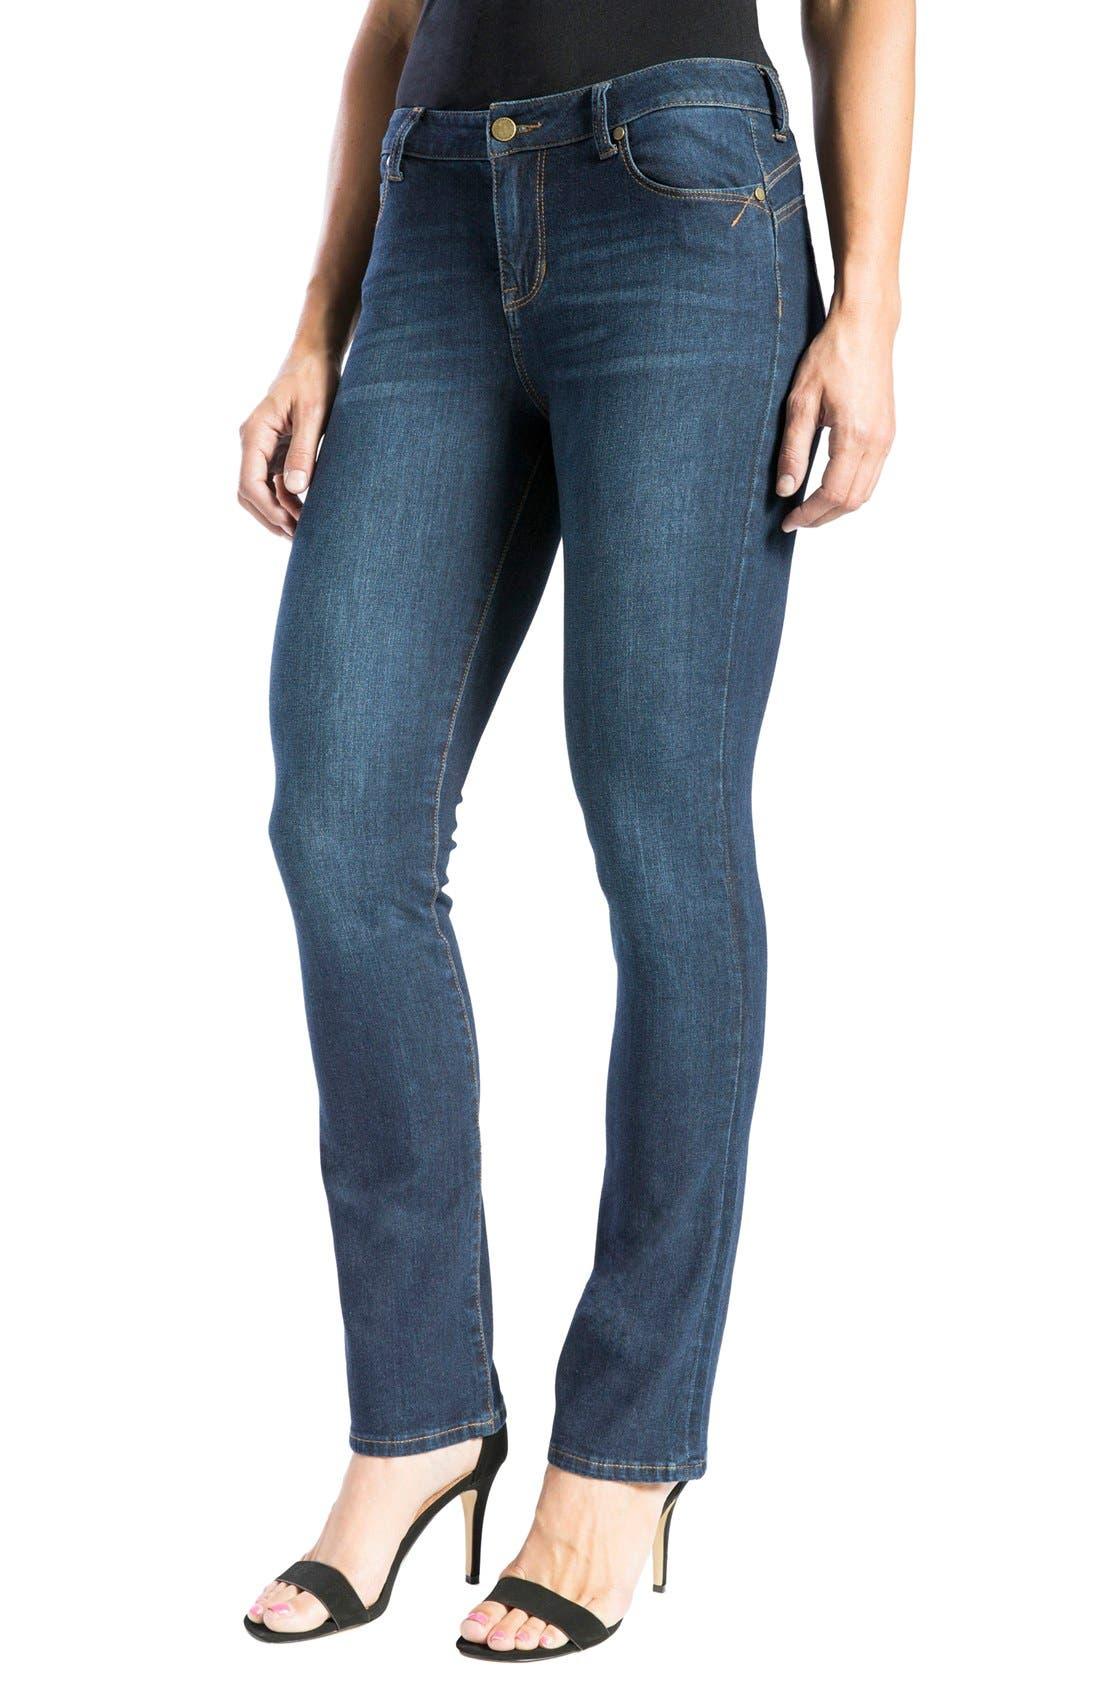 Remy - Hugger Straight Leg Jeans,                             Alternate thumbnail 4, color,                             401